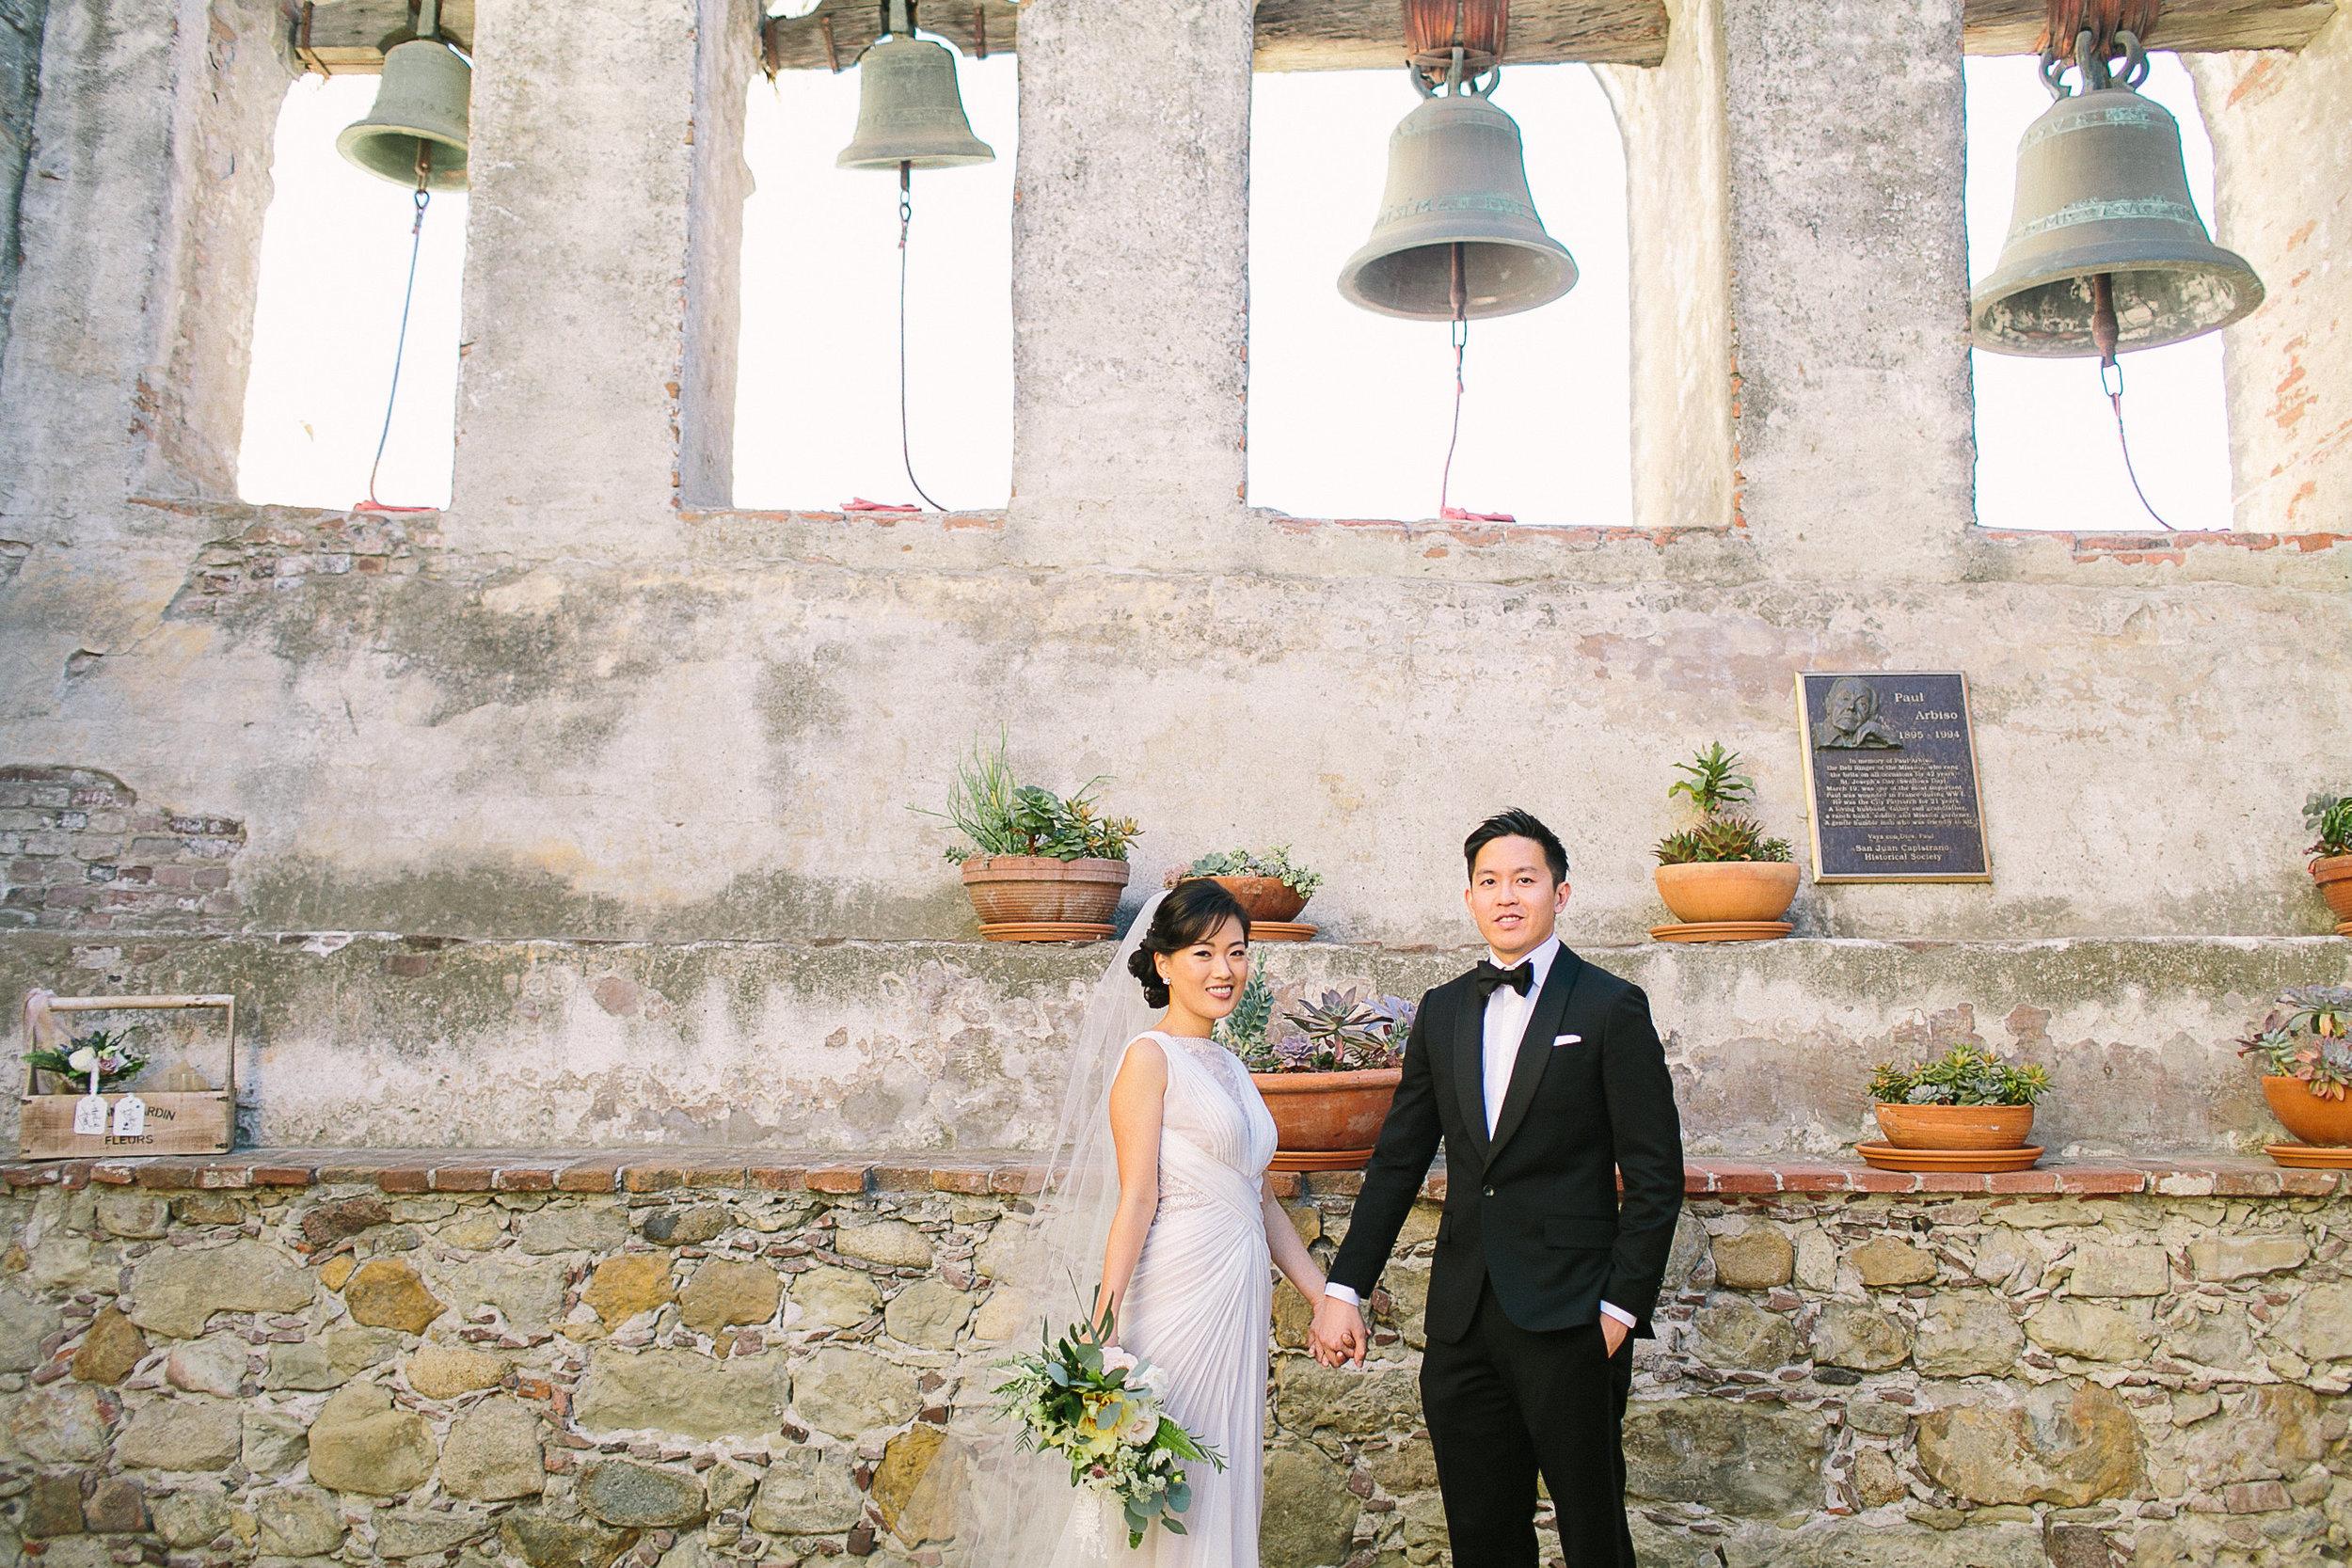 Junie & Eric | Franciscan Gardens Wedding